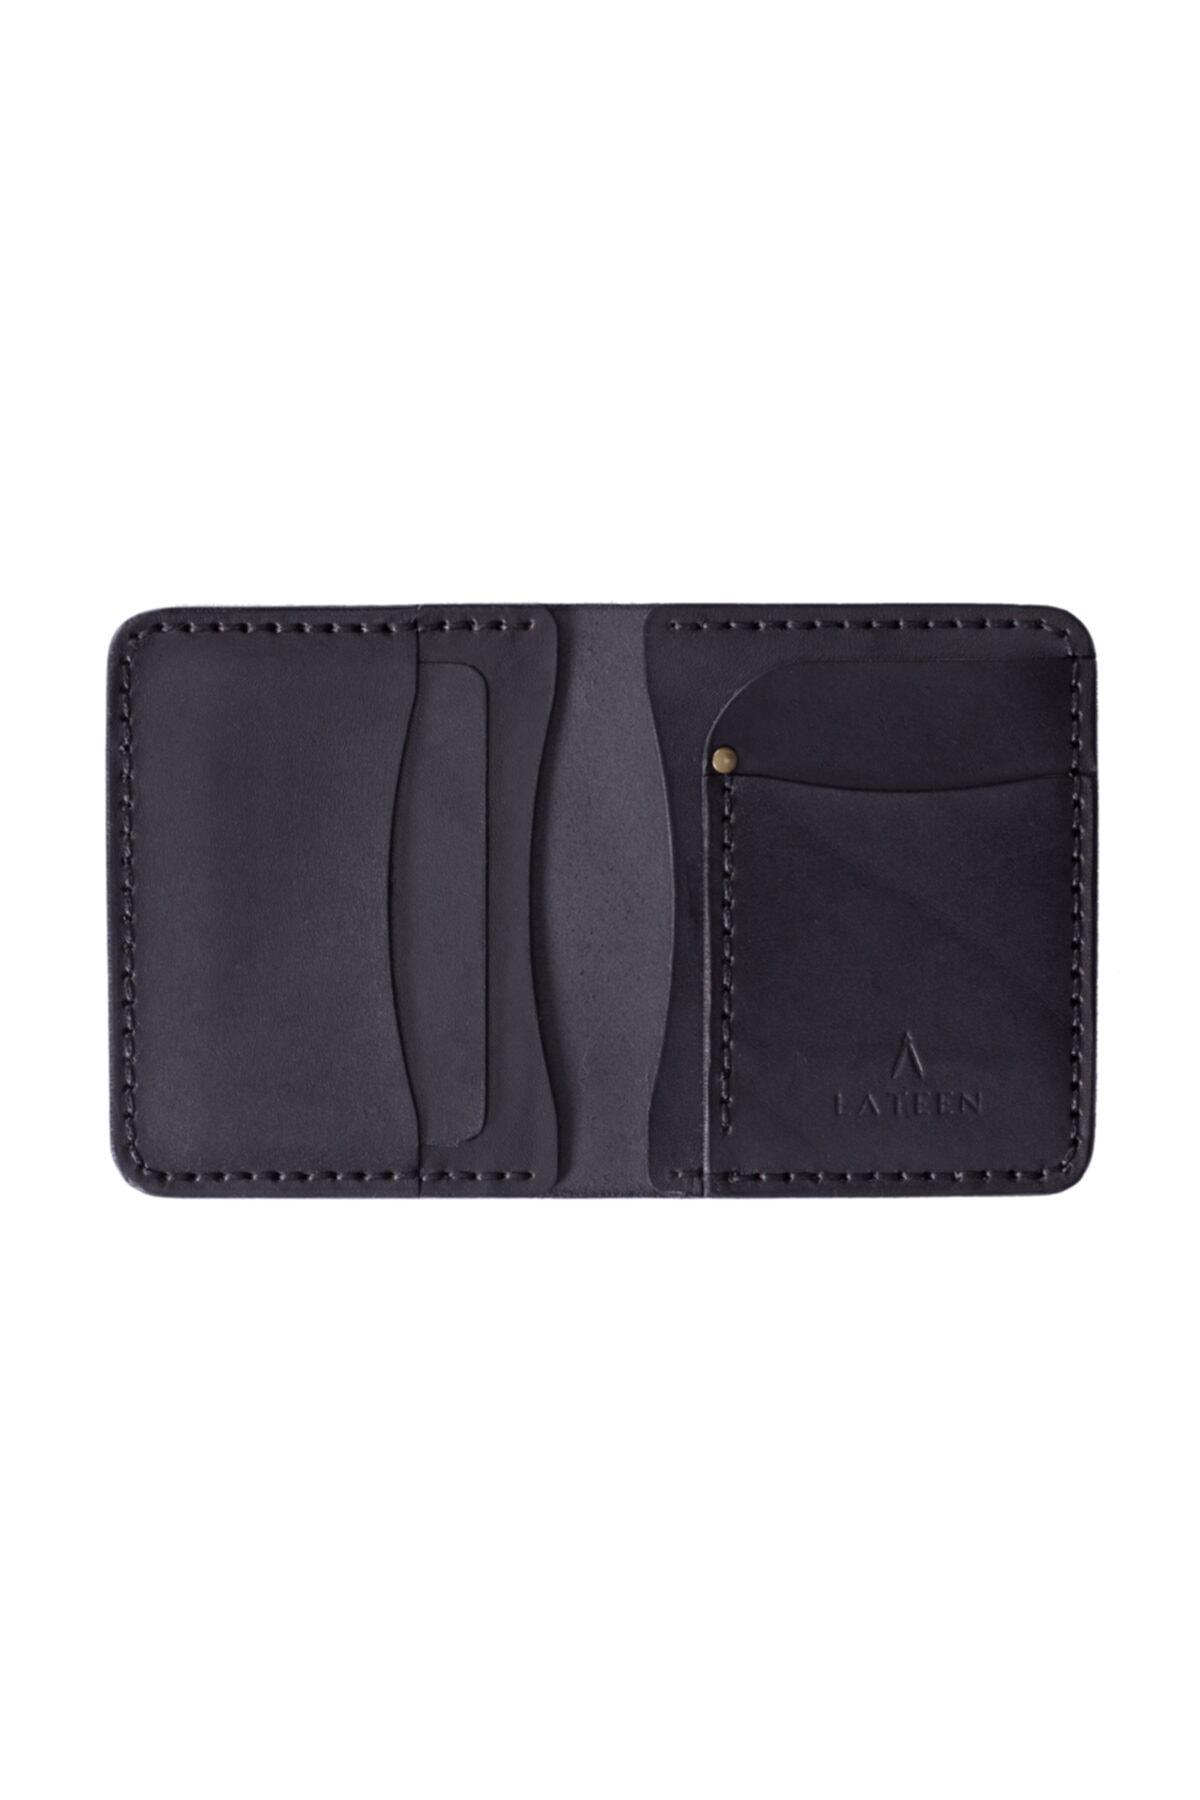 خرید پستی کیف کارت بانکی اورجینال برند Lateen رنگ مشکی کد ty117413933